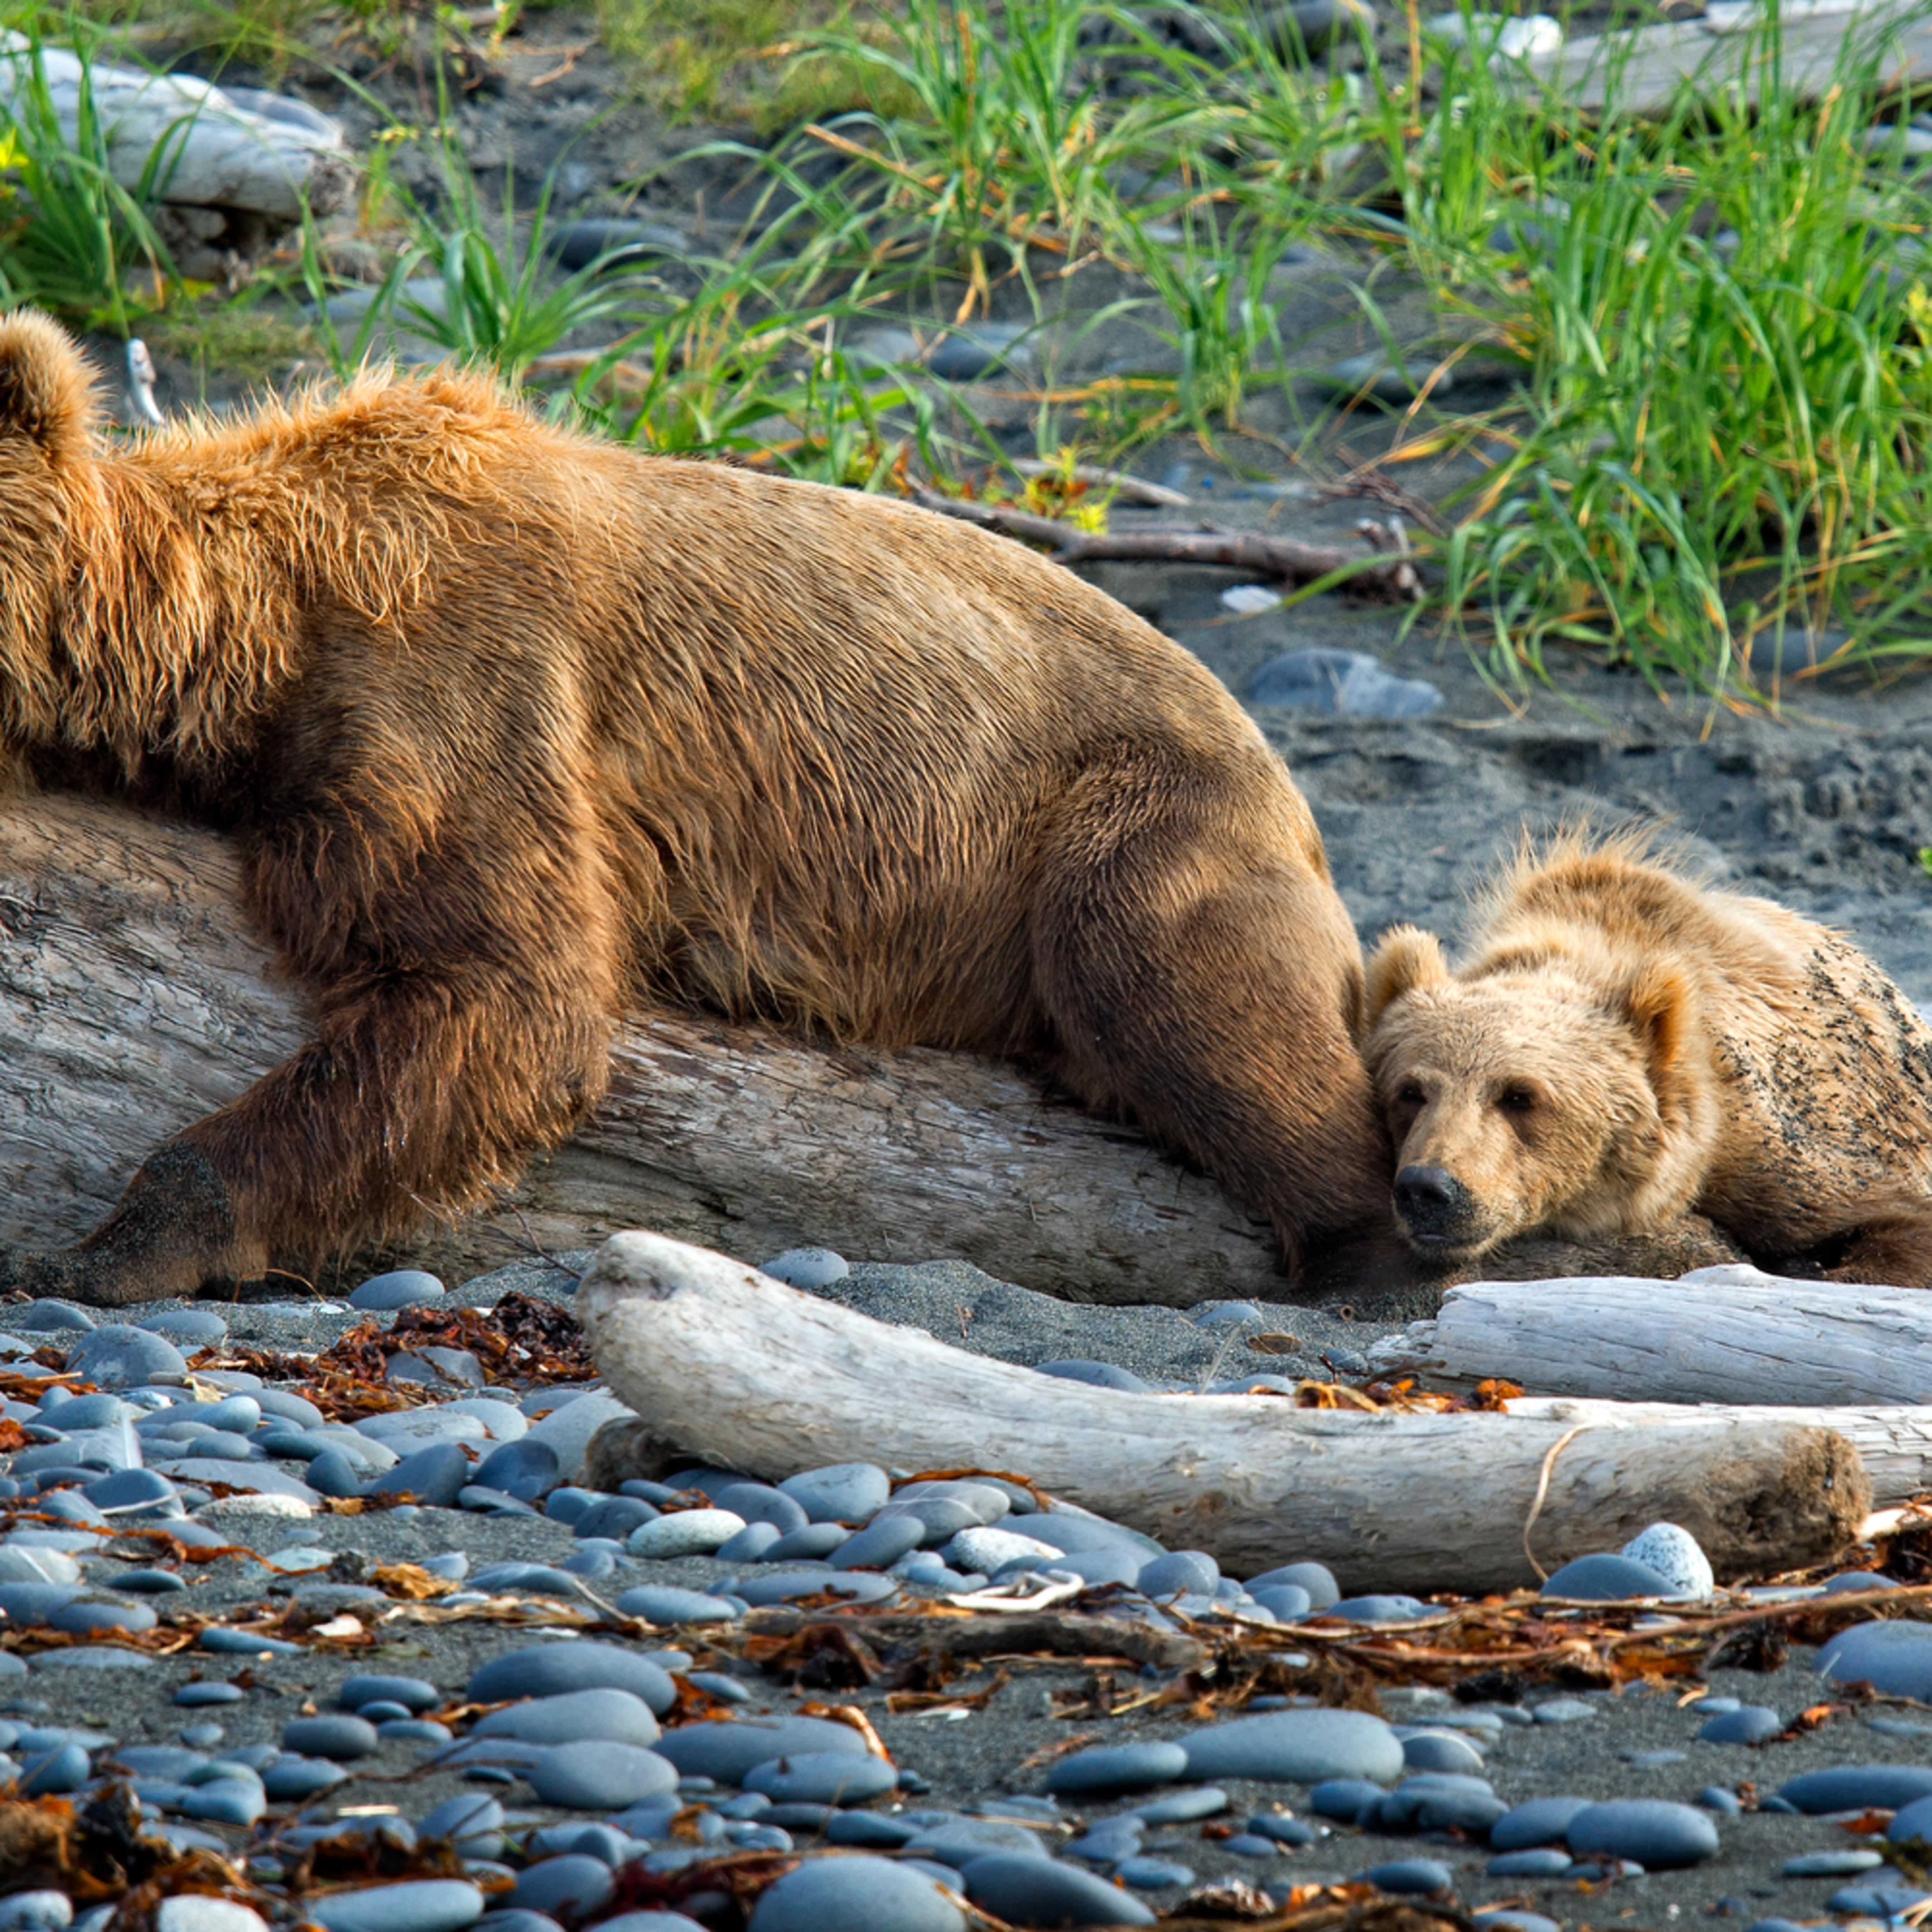 Bear on a log qwrolc